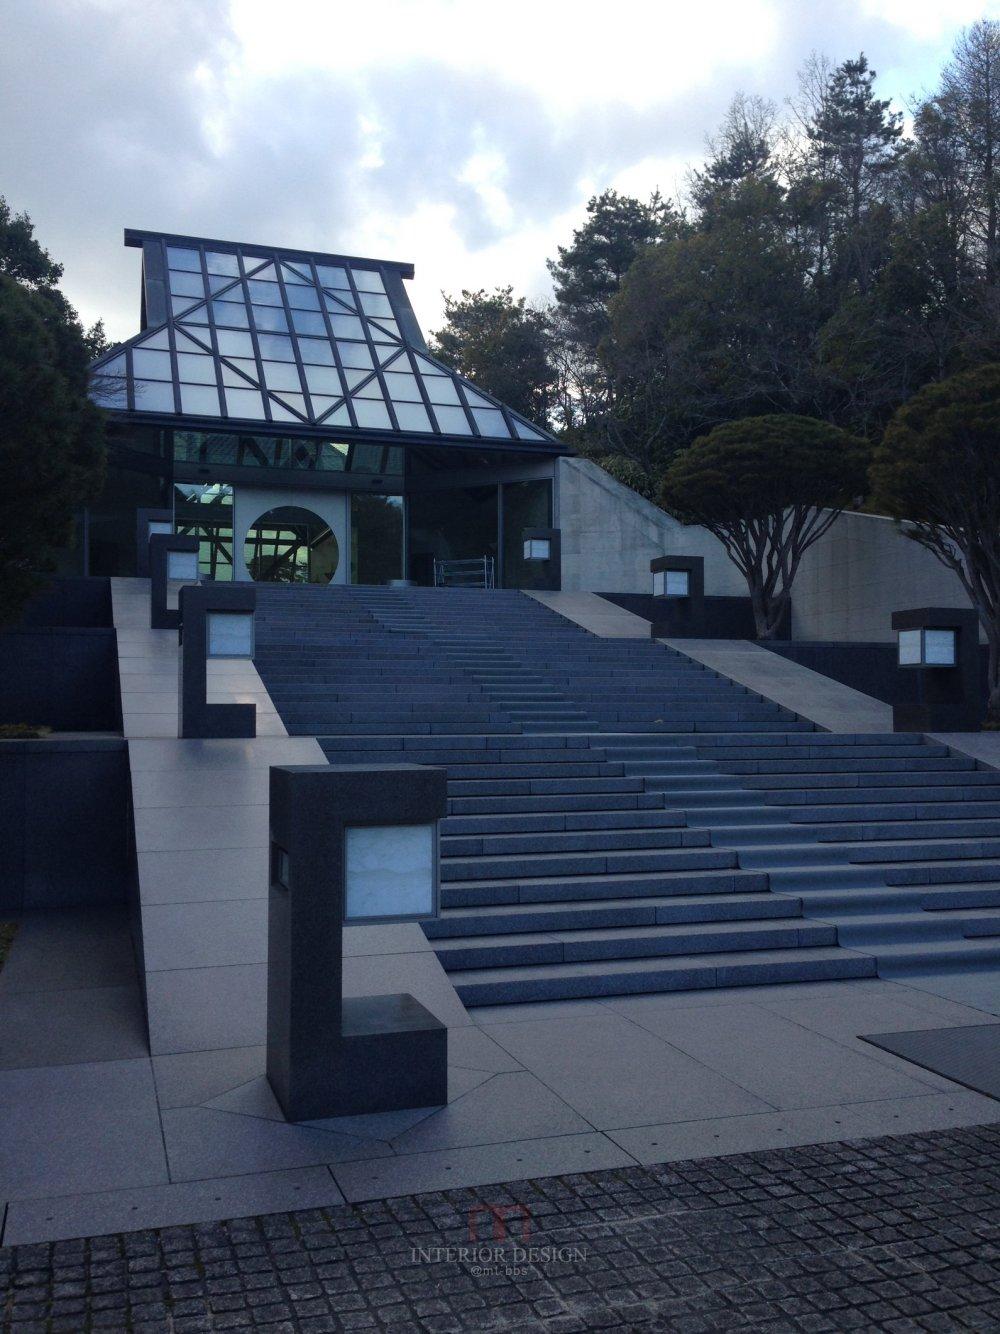 日本美秀美术馆MIHO MUSEUM自拍分享-贝聿铭_IMG_7284.JPG